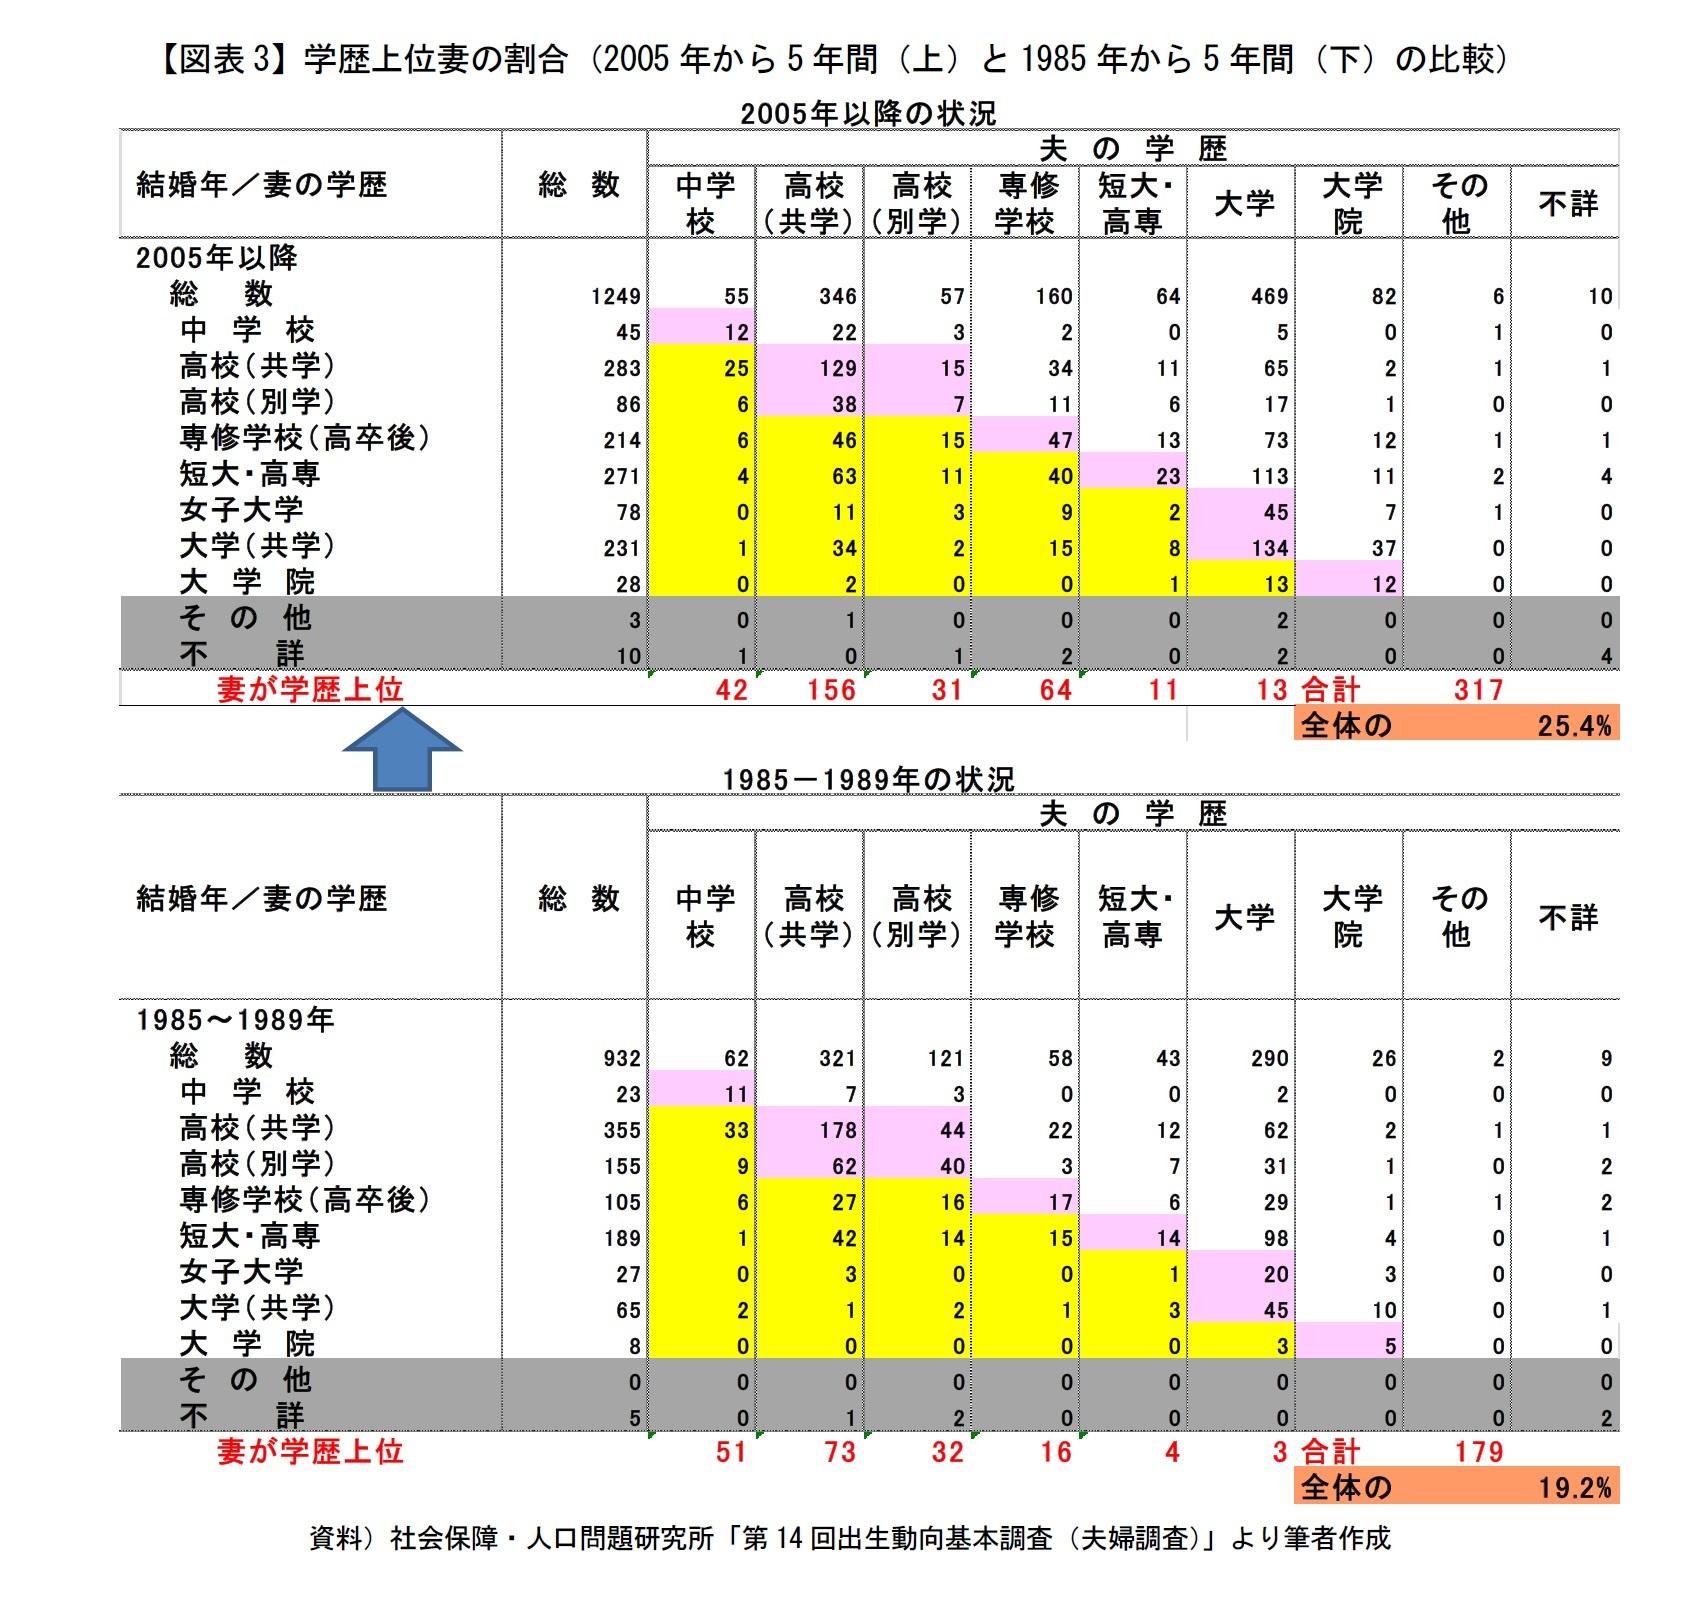 【図表3】学歴上位妻の割合(2005年から10年間(上)と1985年から10年間(下)の比較)